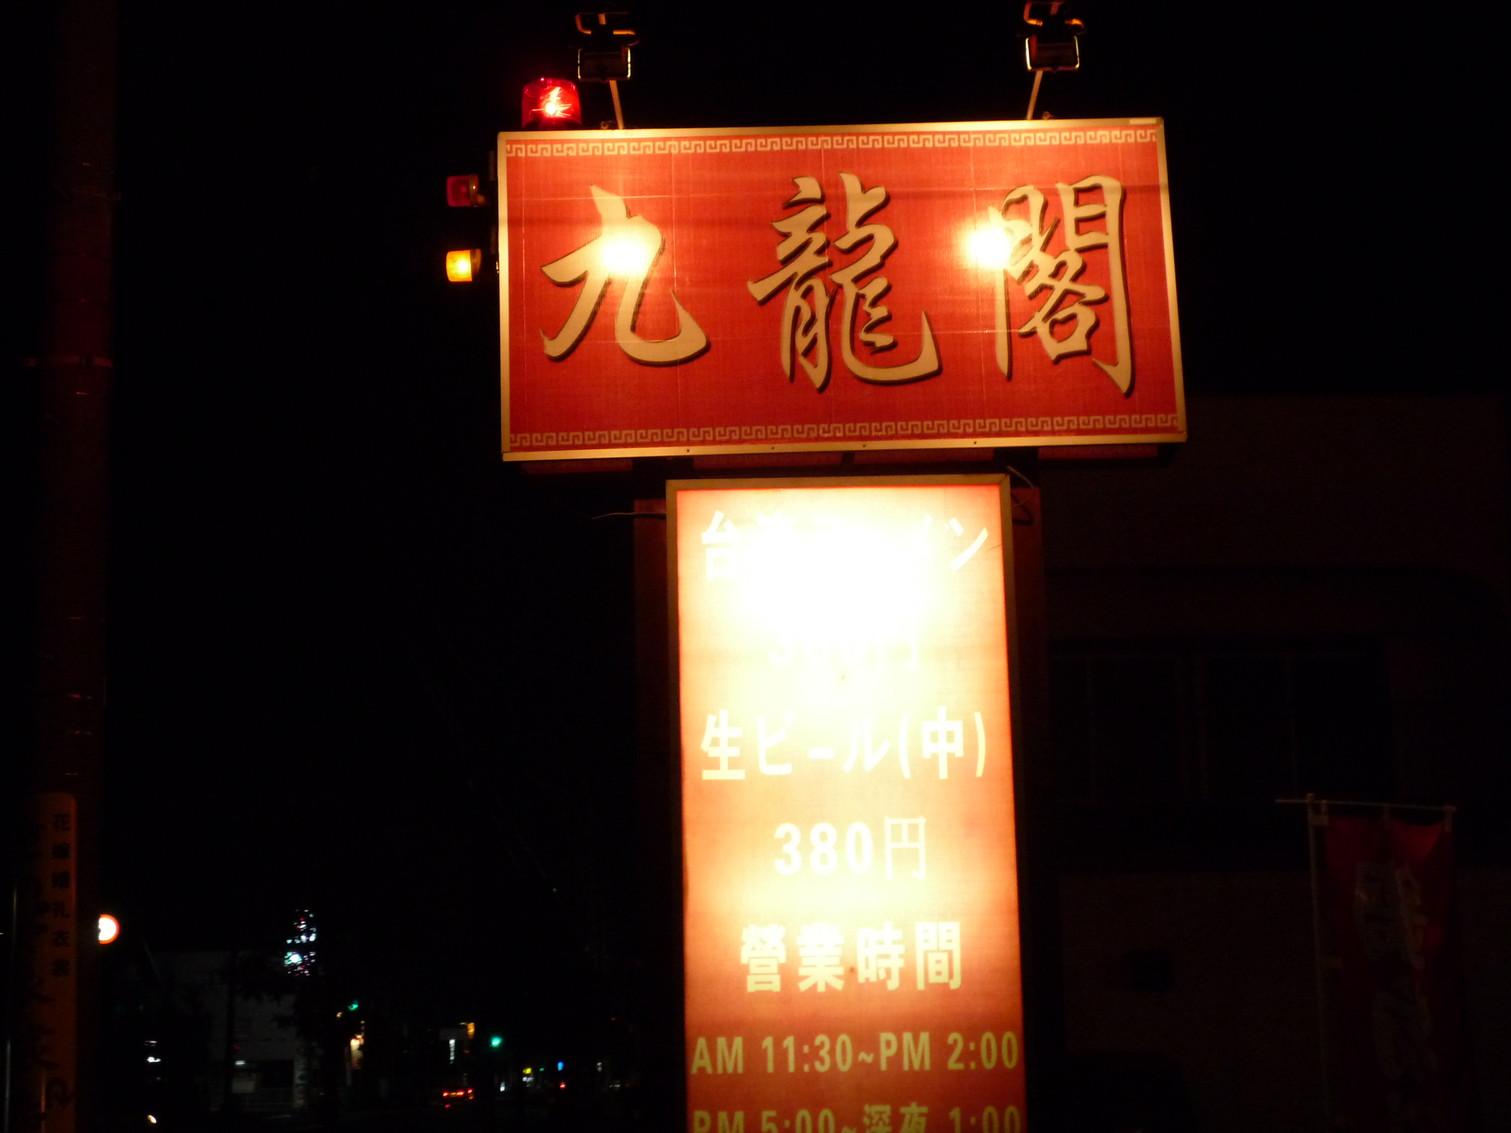 台湾料理 九龍閣 name=